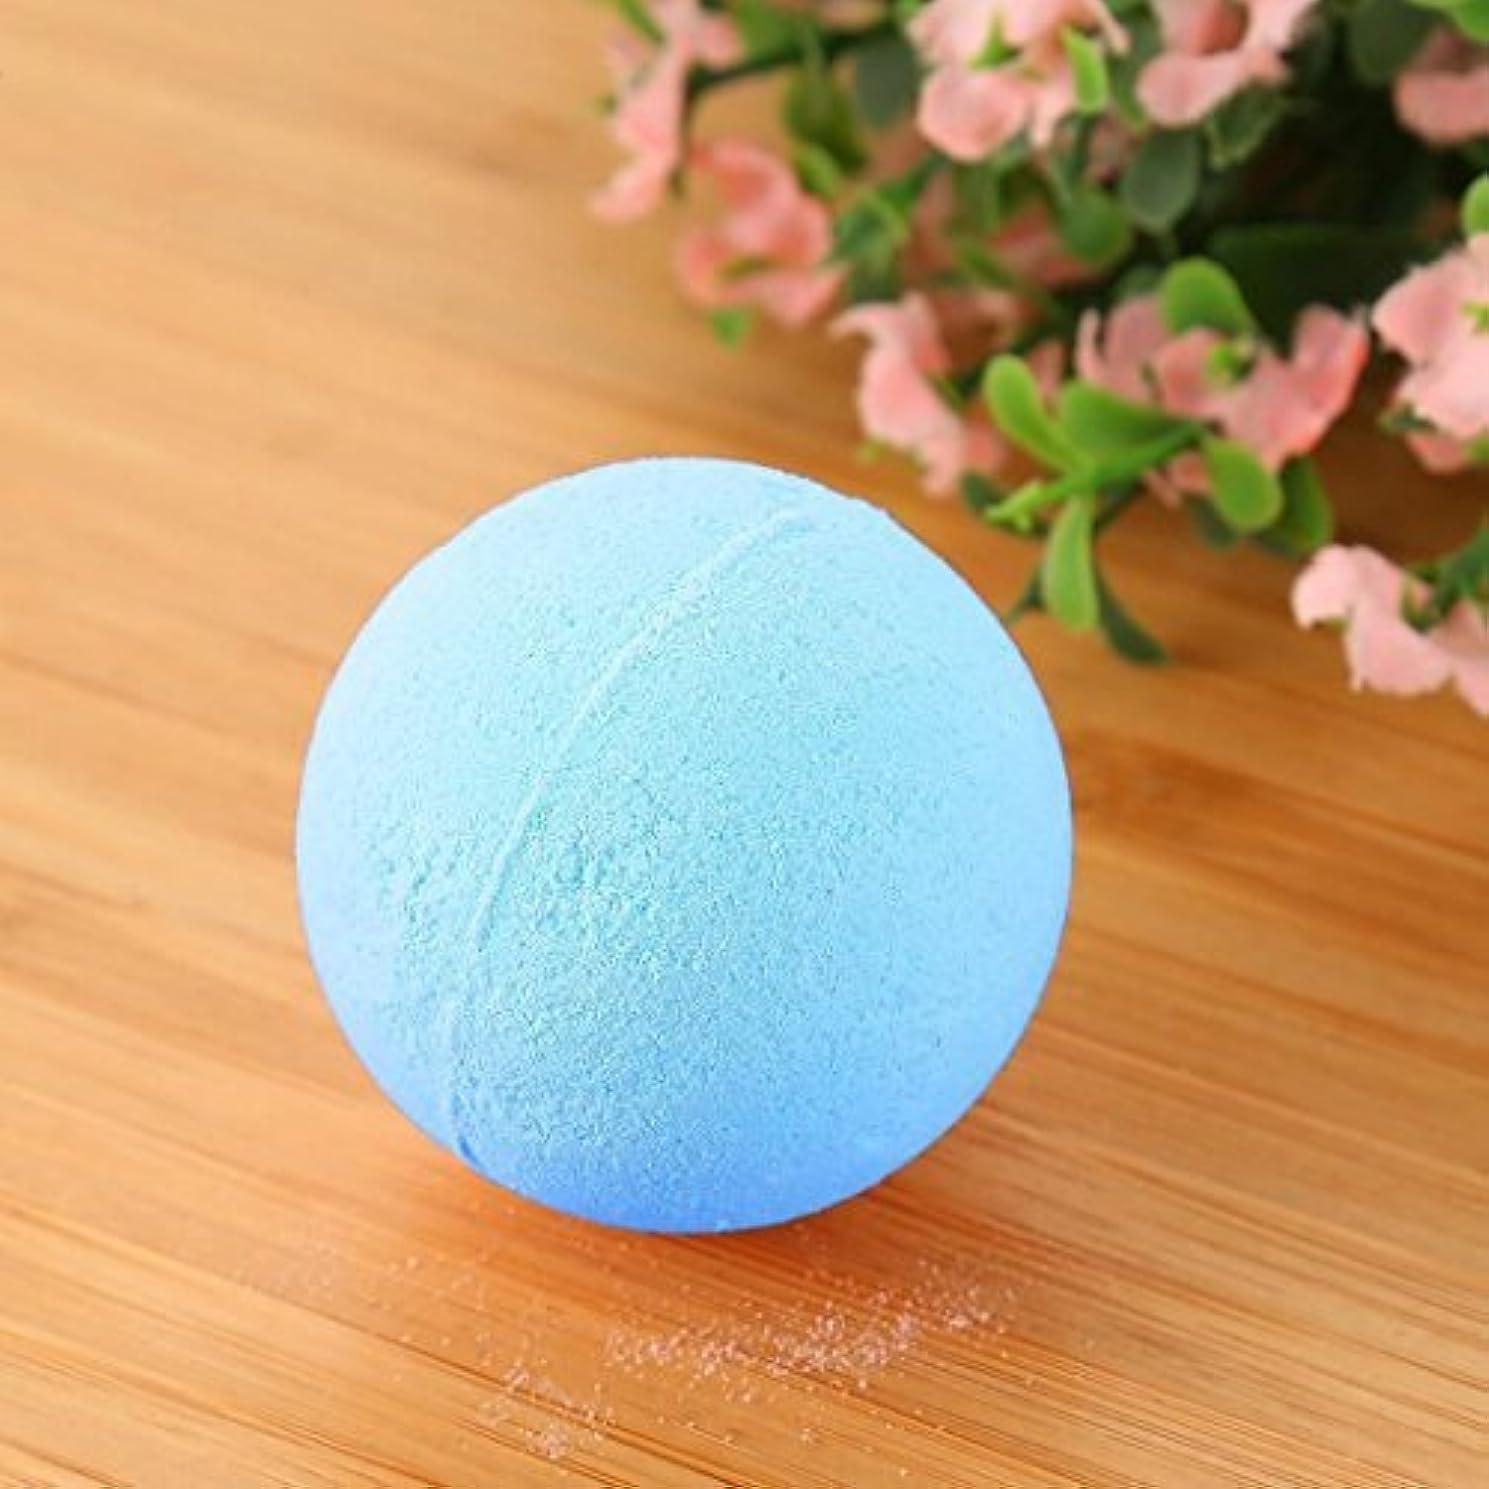 シェルマイル宿るバブル塩風呂の贈り物のためにボールをリラックスした女性の塩